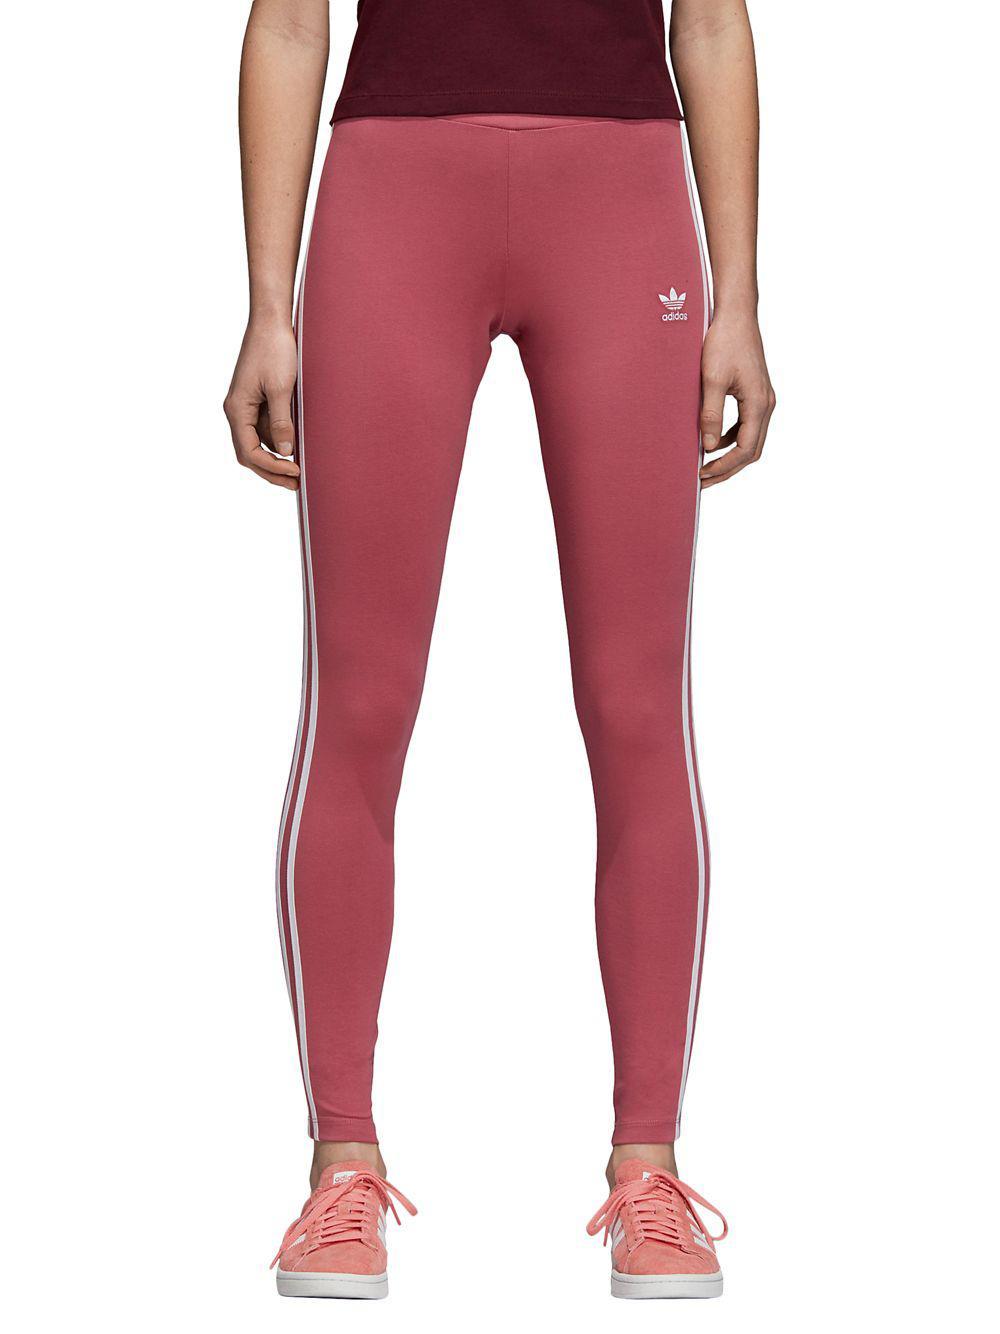 21c6f8594c0 Adidas Originals Mid-rise Three-stripes Leggings in Pink - Lyst